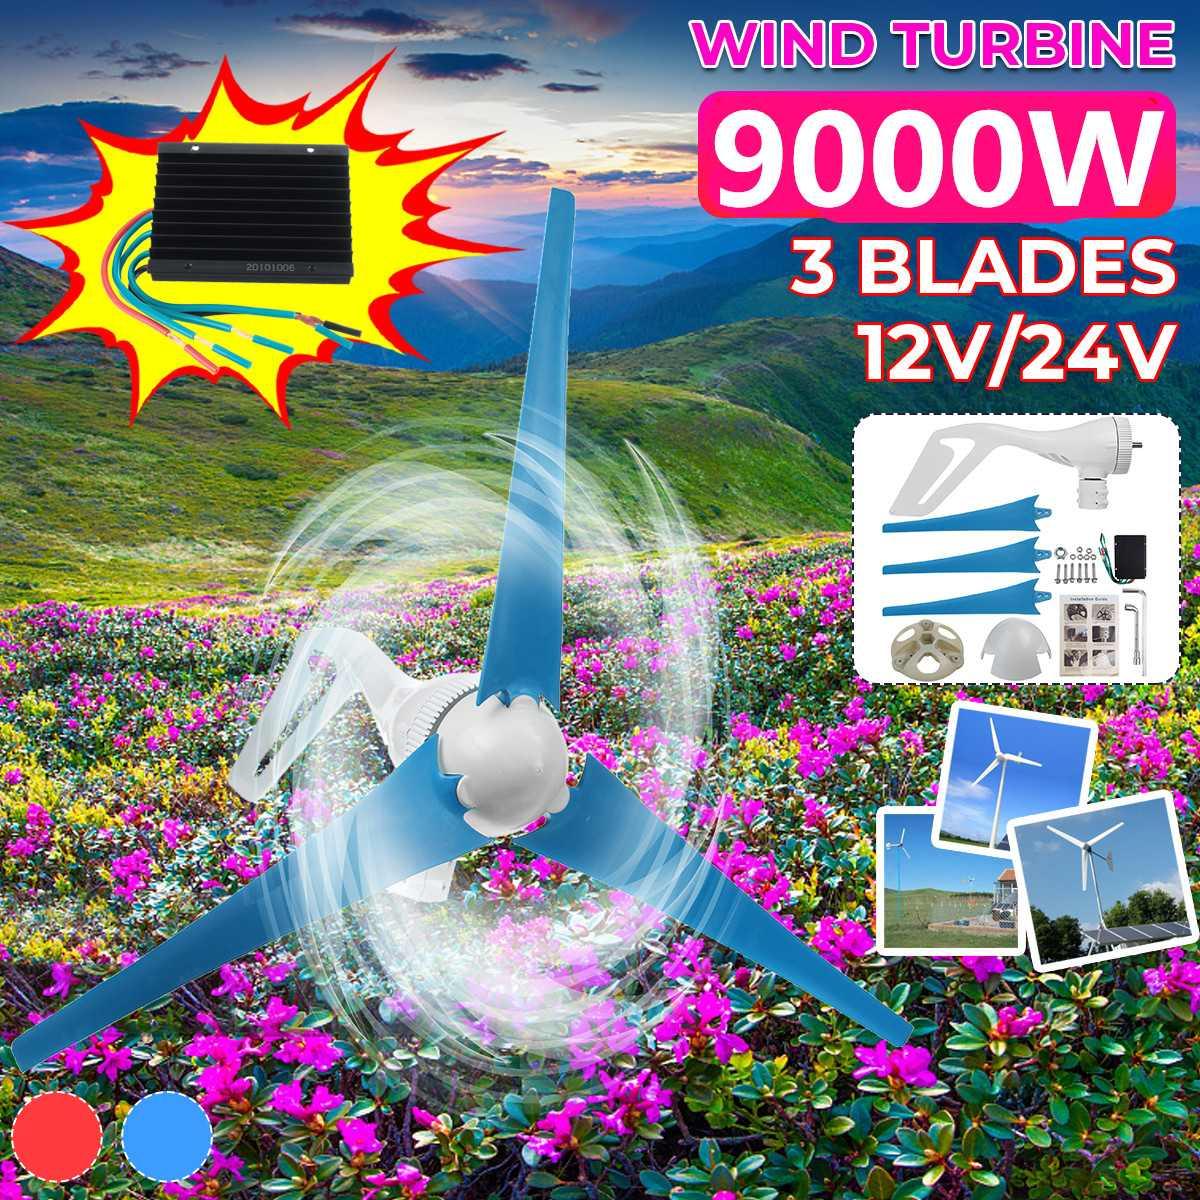 9000 واط S2 هوب نوع الرياح مولد تربيني 3 شفرة 12 فولت/24 فولت الرياح مولد تربيني طقم مولد + جهاز التحكم في الشحن طاحونة الطاقة